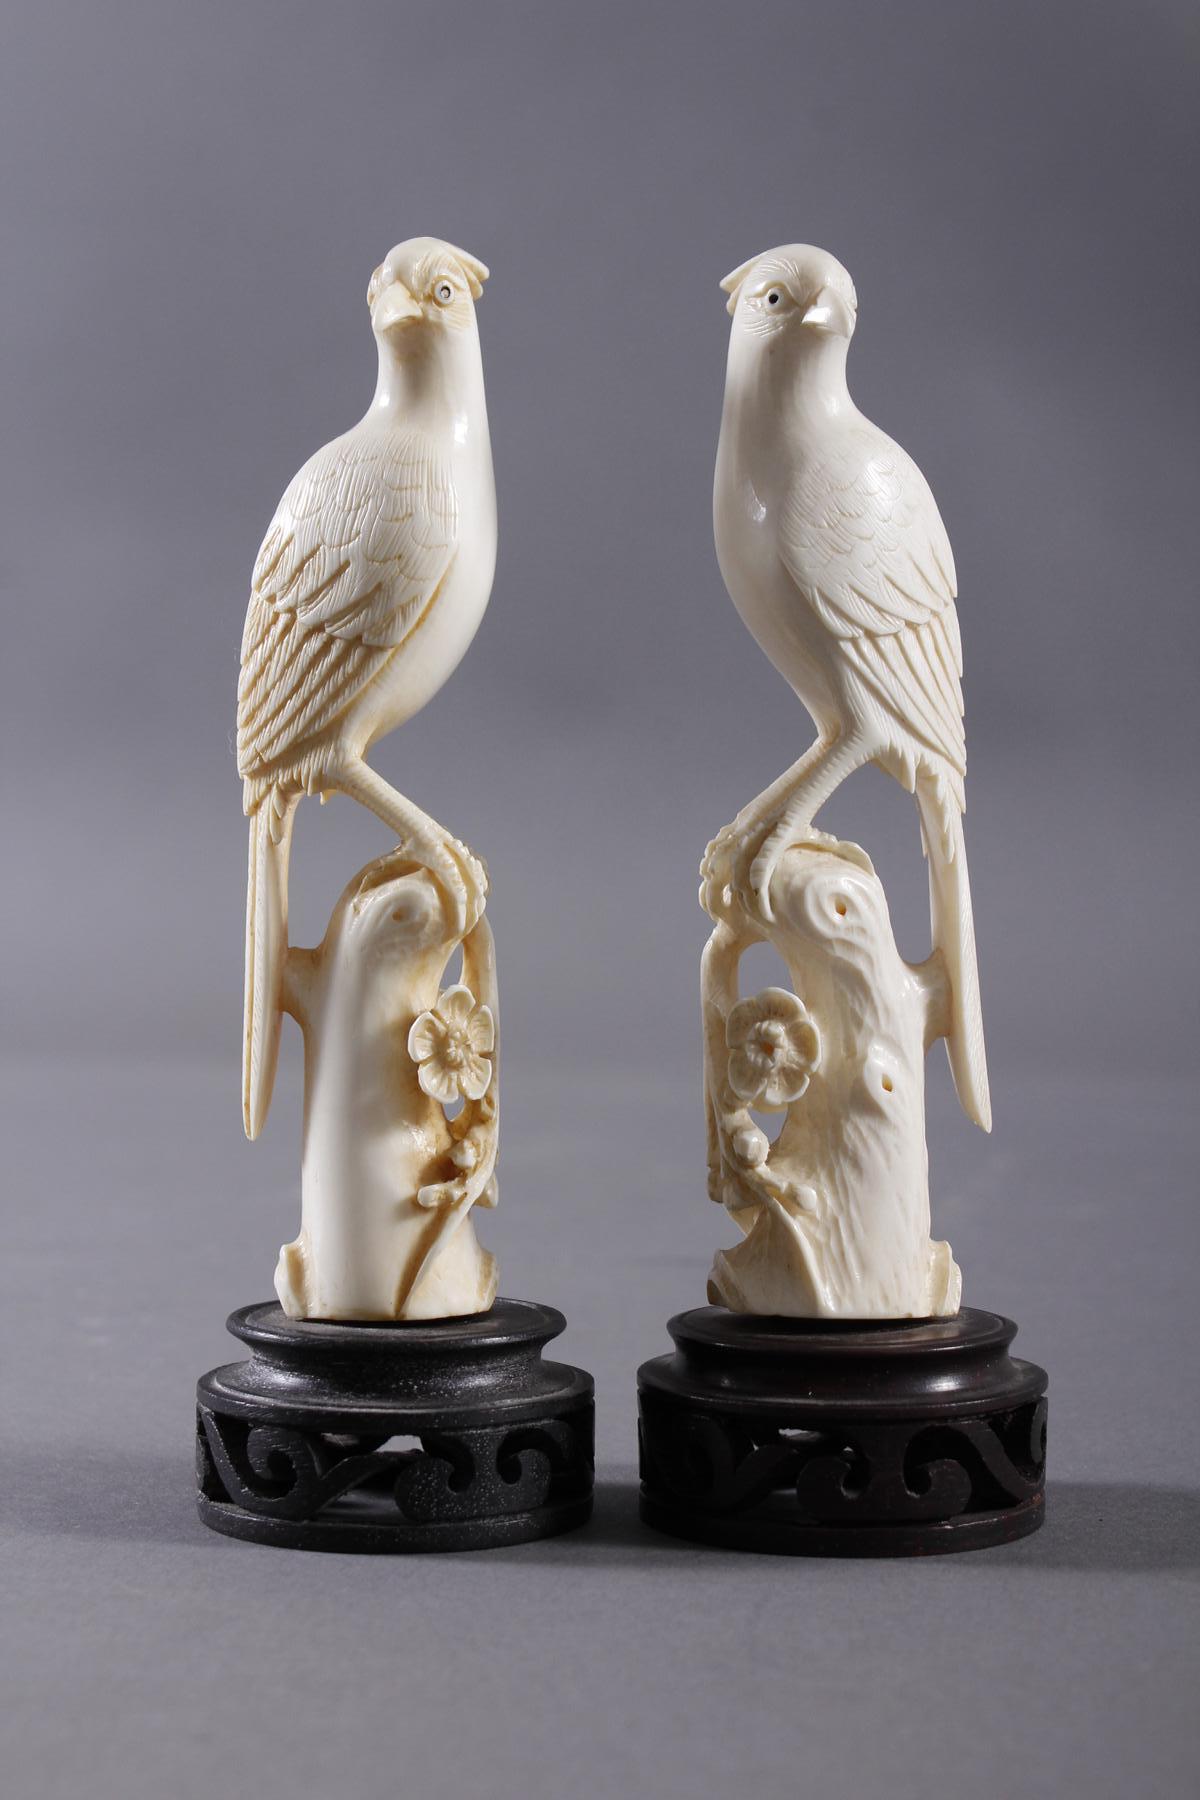 Elfenbein, Paar Paradiesvögel auf floral gestaltetem Ast, China Anfang 20. Jahrhundert